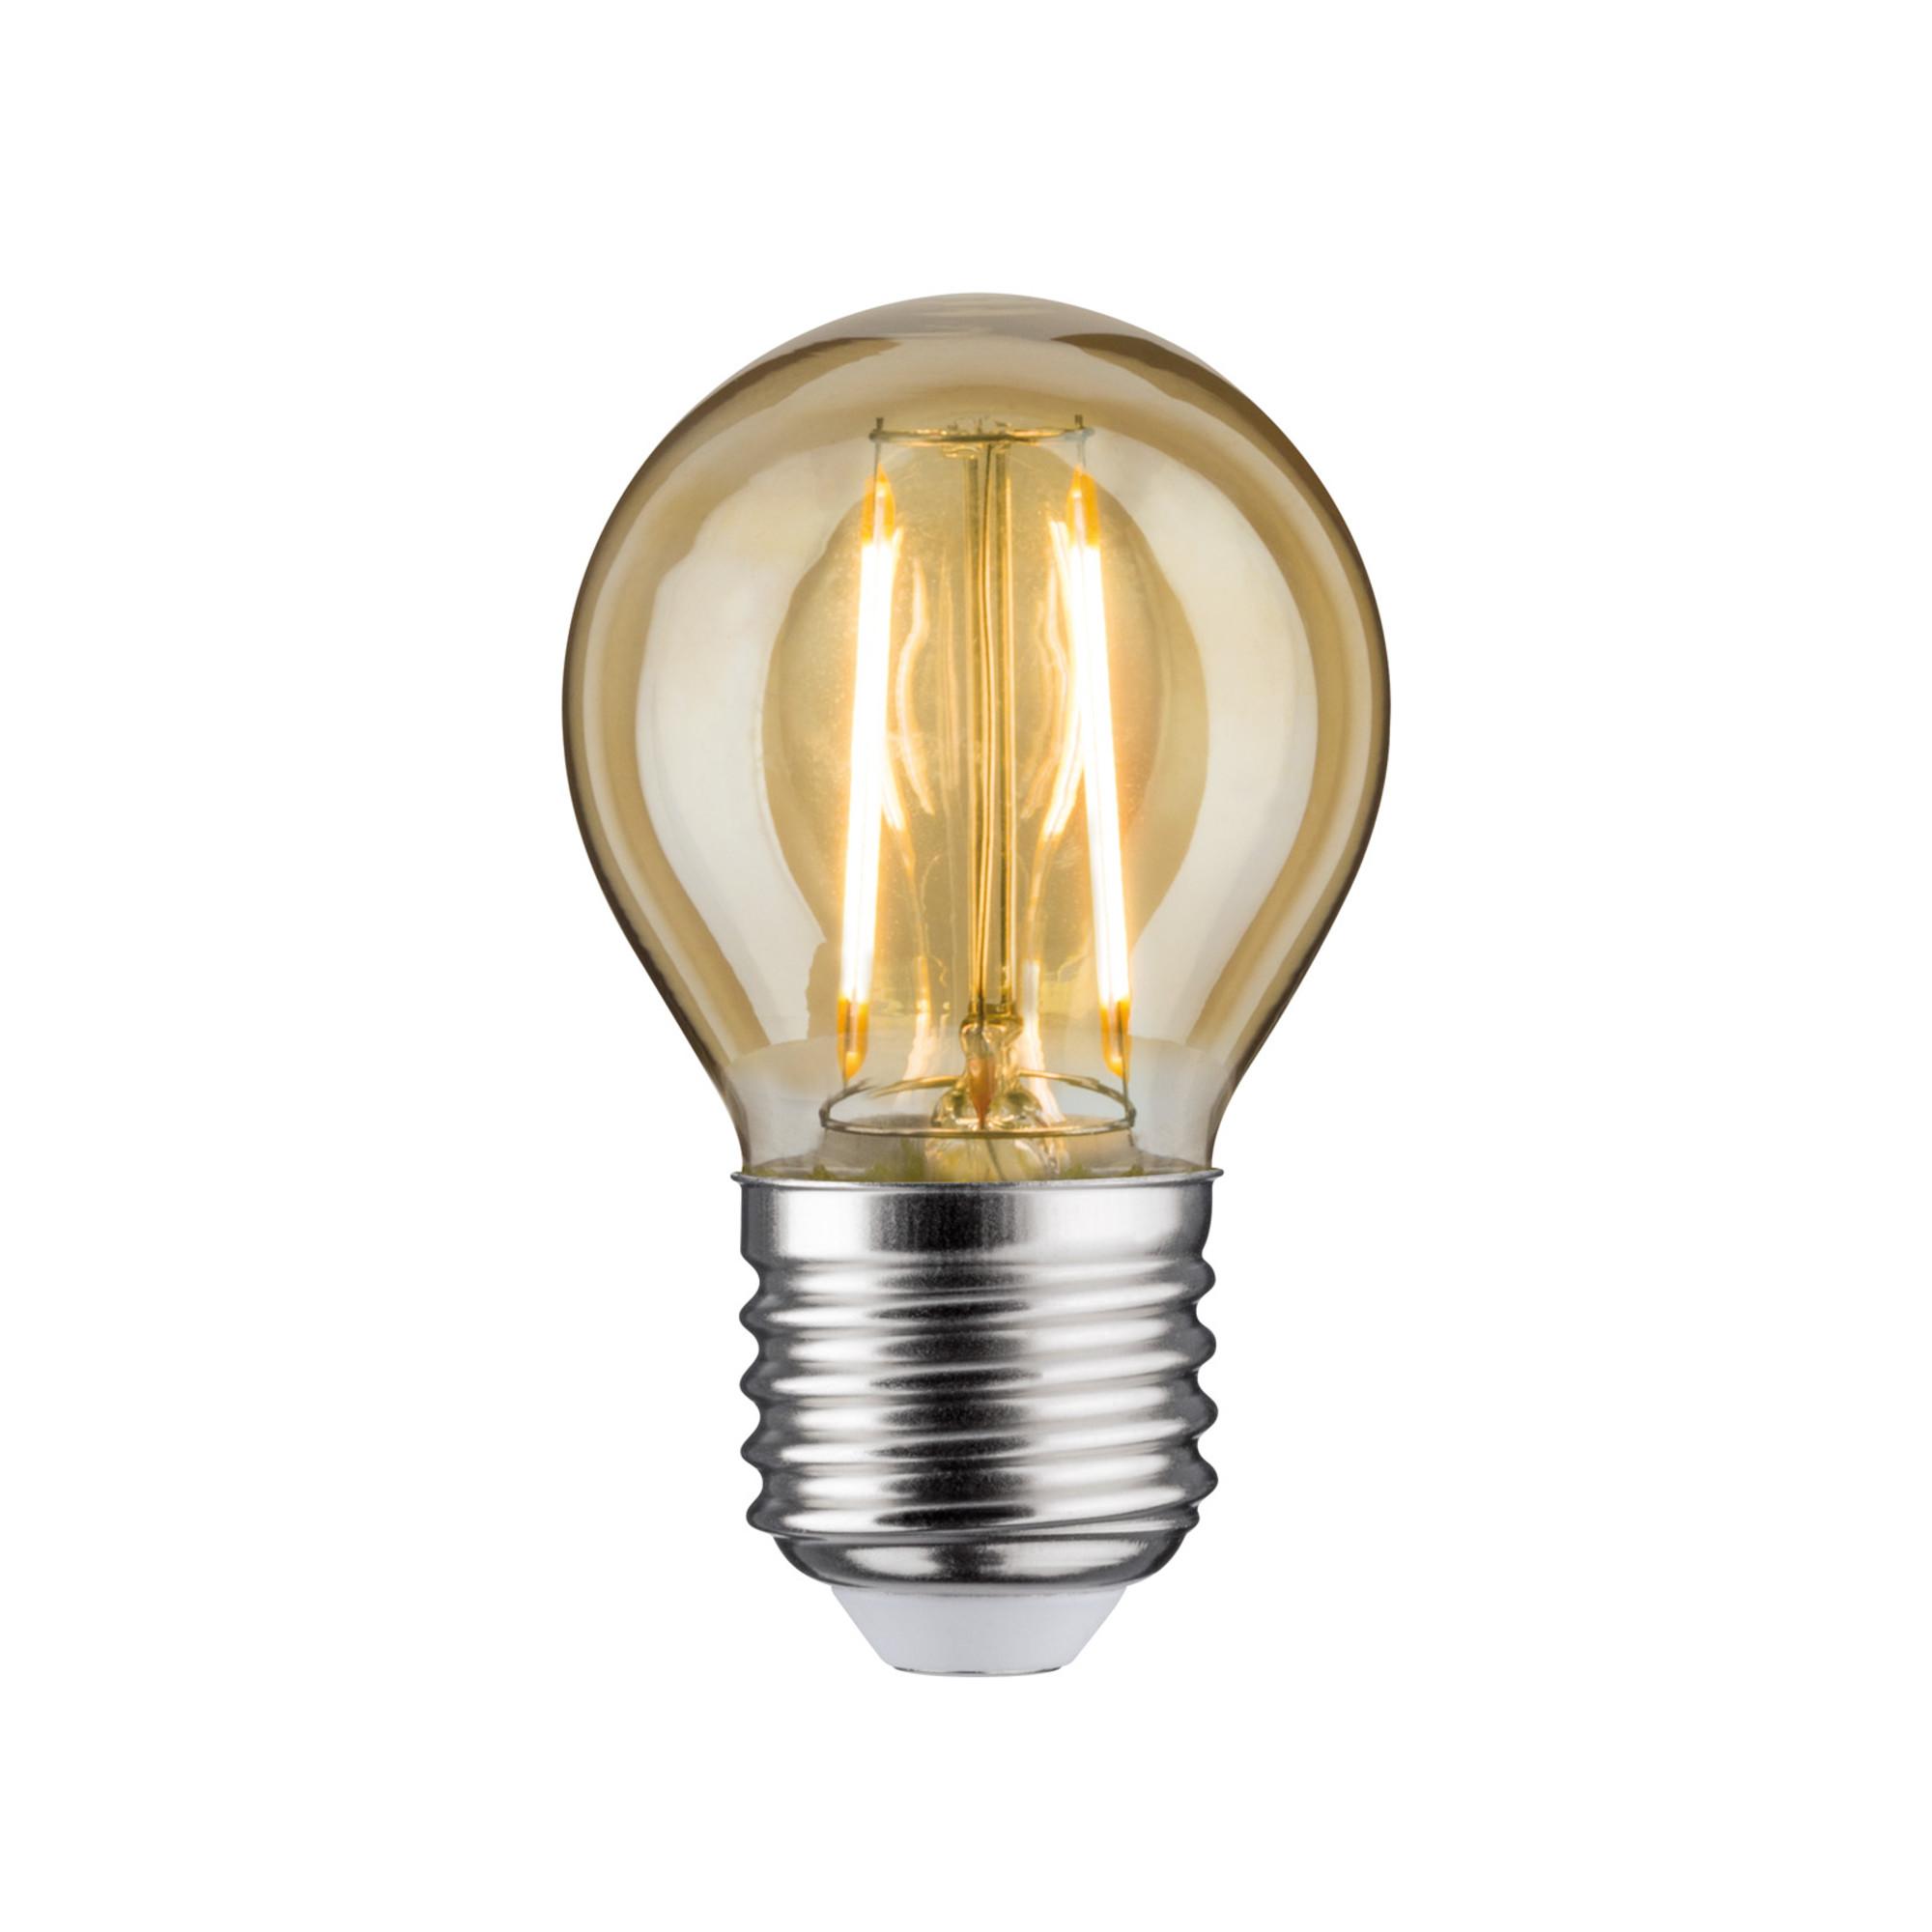 Лампа филаментная Paulmann Retro Капля 4.5Вт 400лм 2500К Е27 230В Золото С регулируемой яркостью 28479.